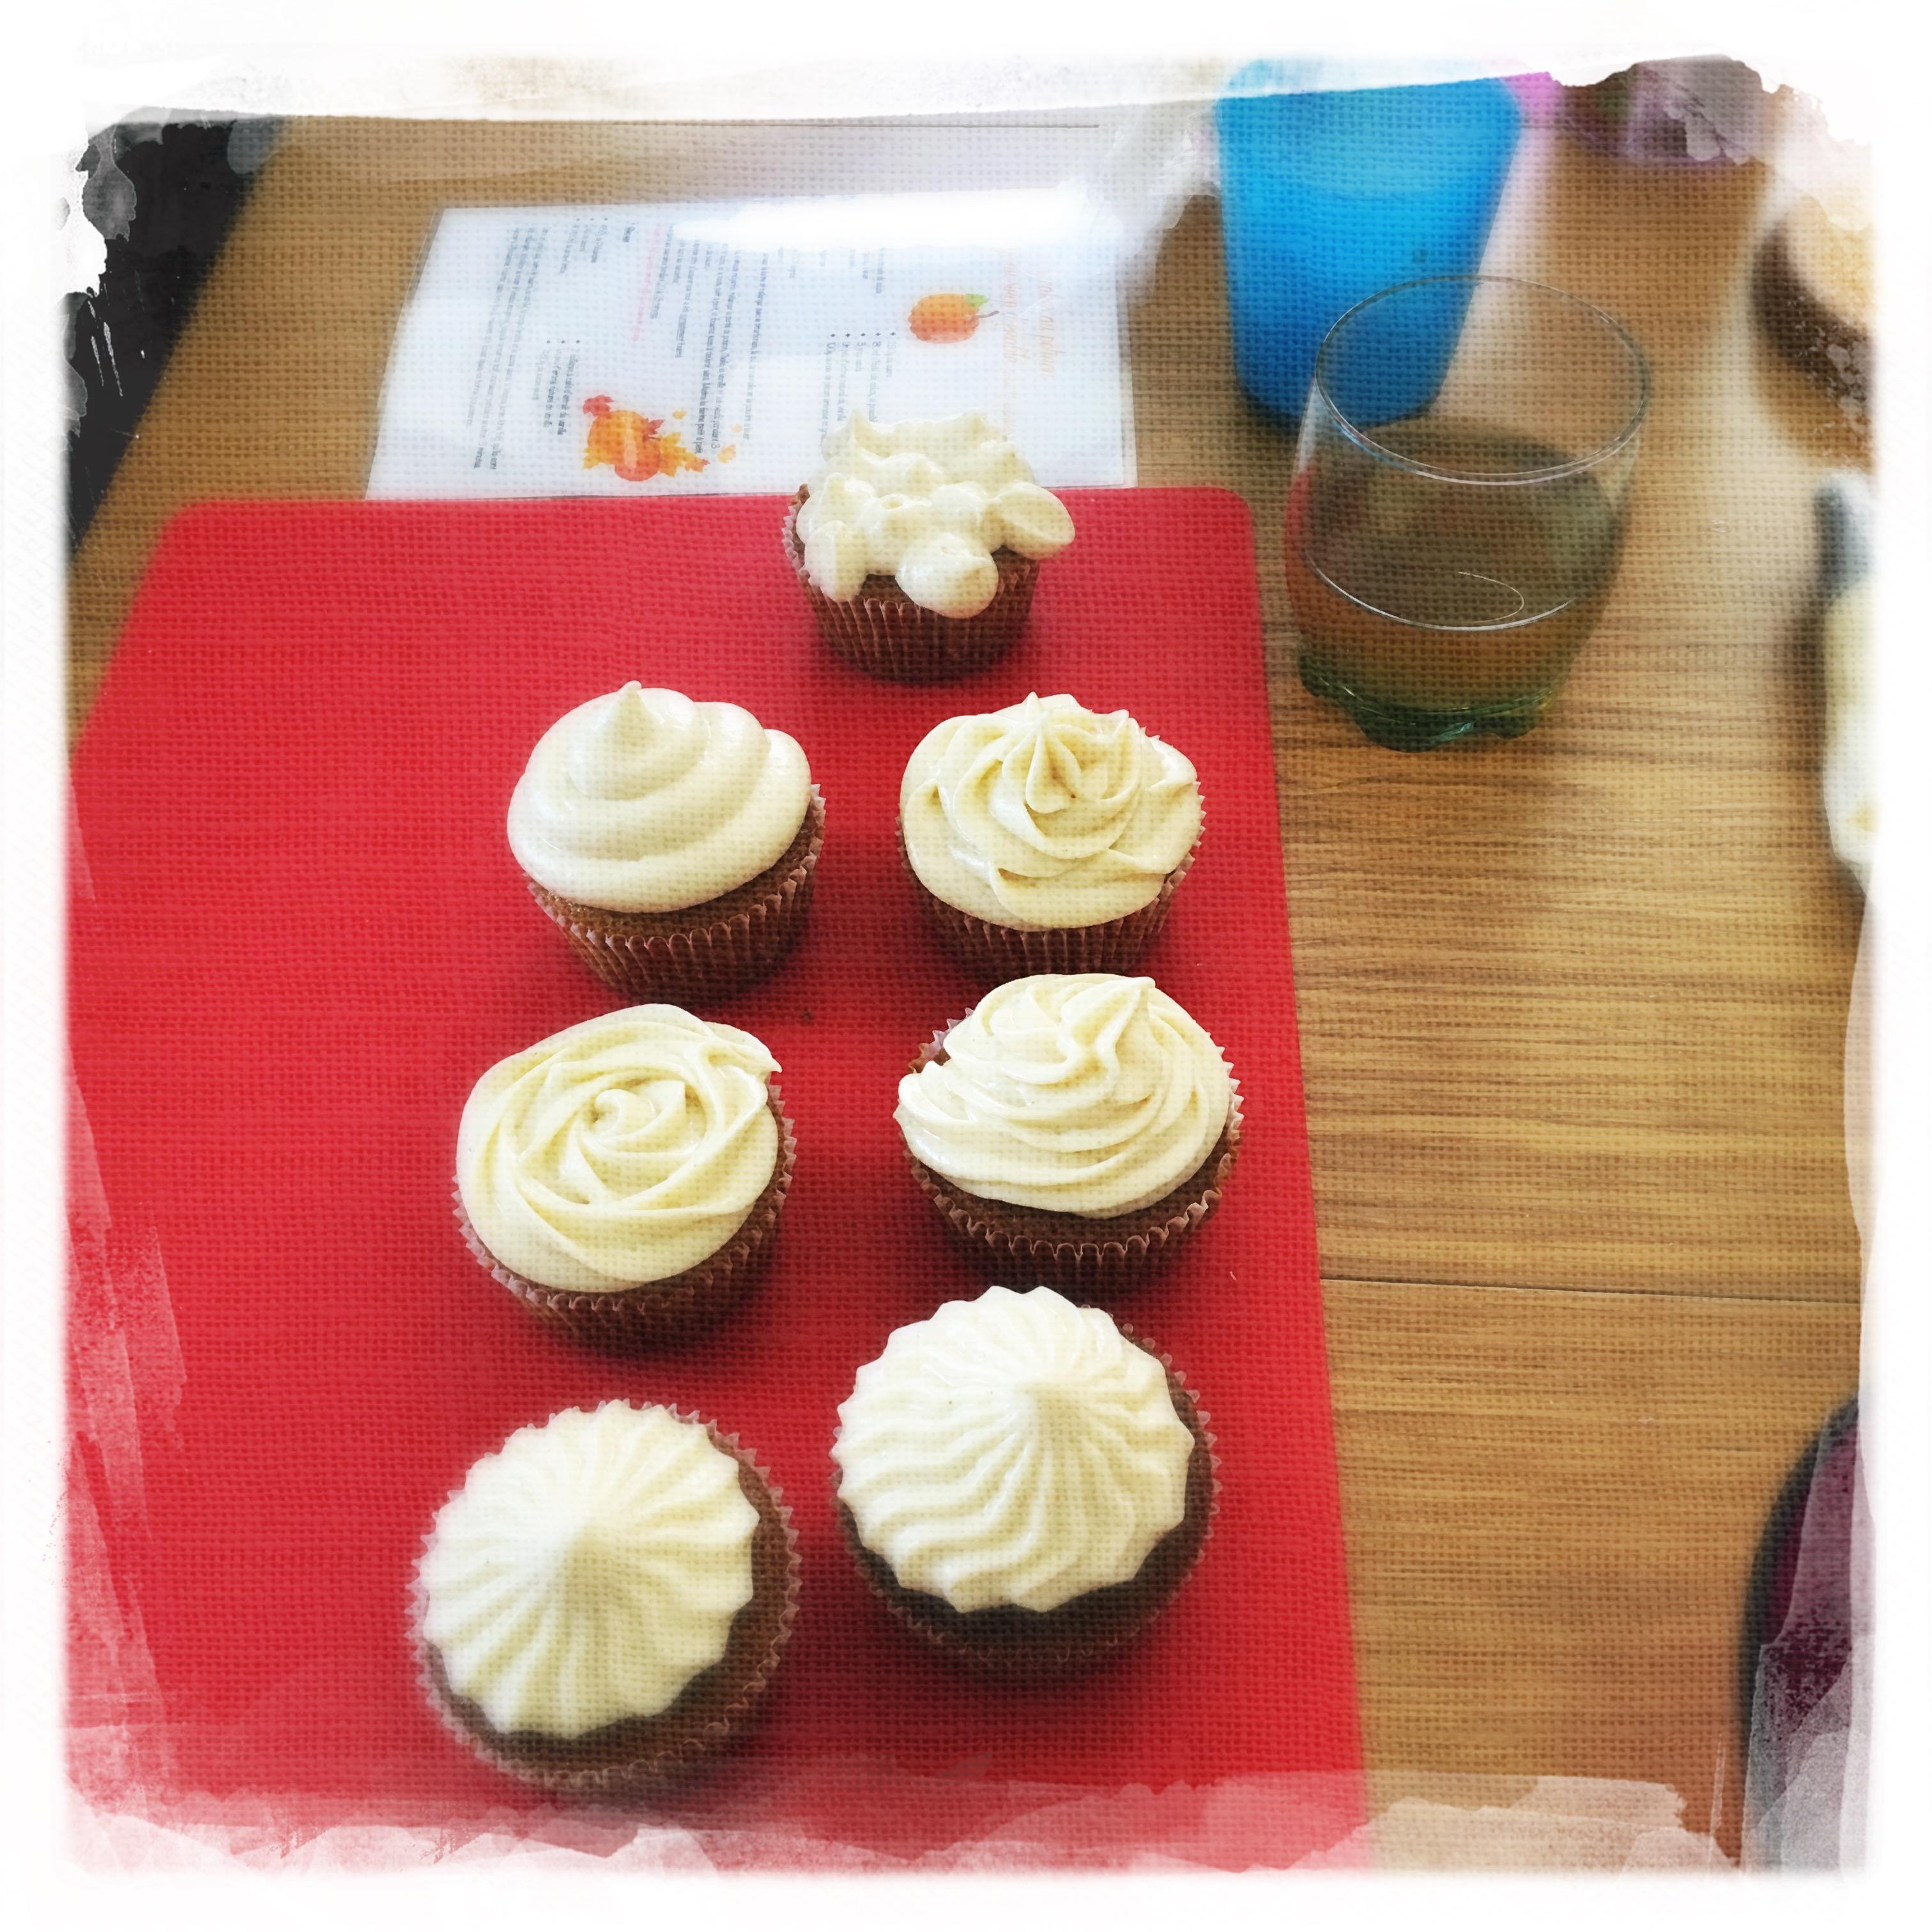 Cupcakes Potiron/Sirop d'érable XIV